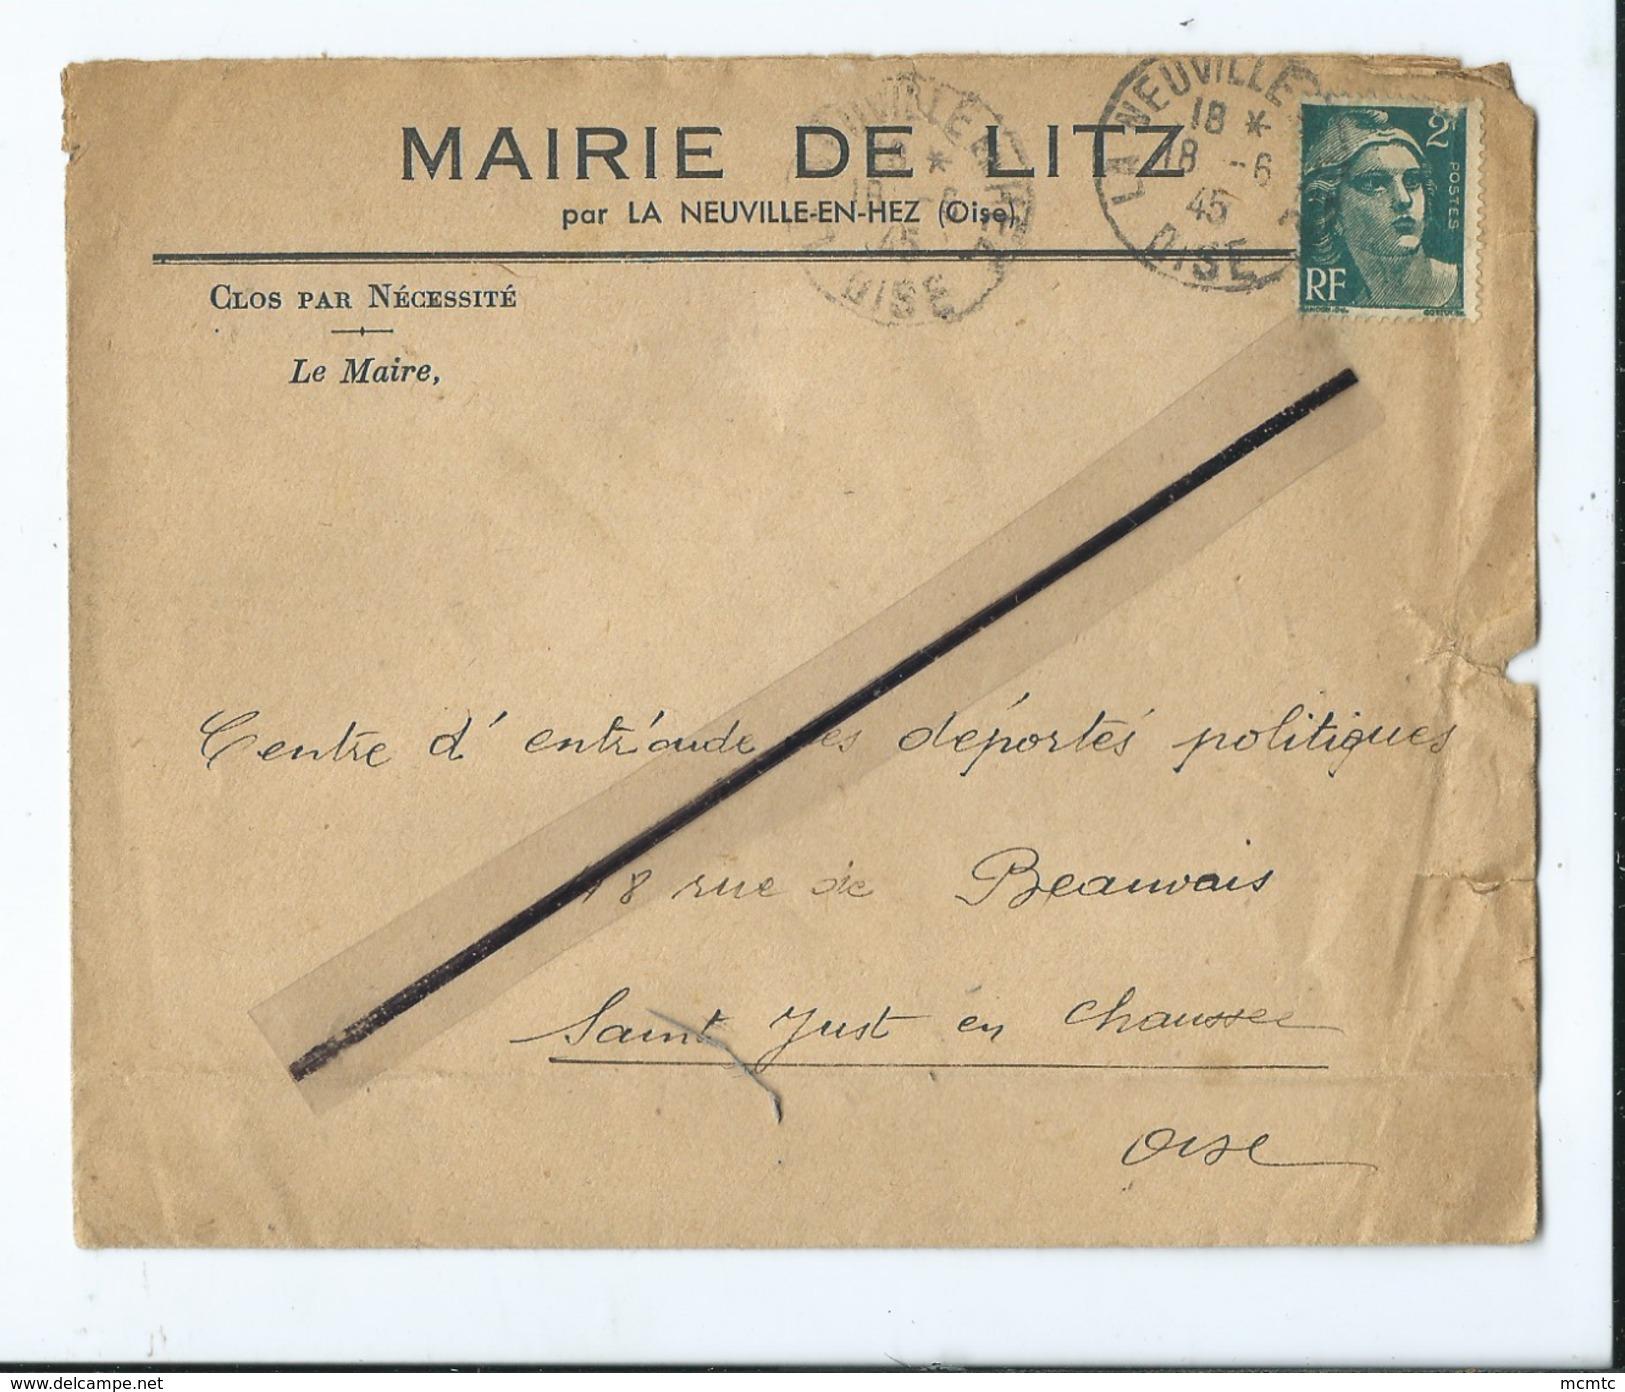 Enveloppe Ancienne De 1945 Timbrée - Mairie De Litz Par La Neuville En Hez  -(Oise ) - Marcophilie (Lettres)